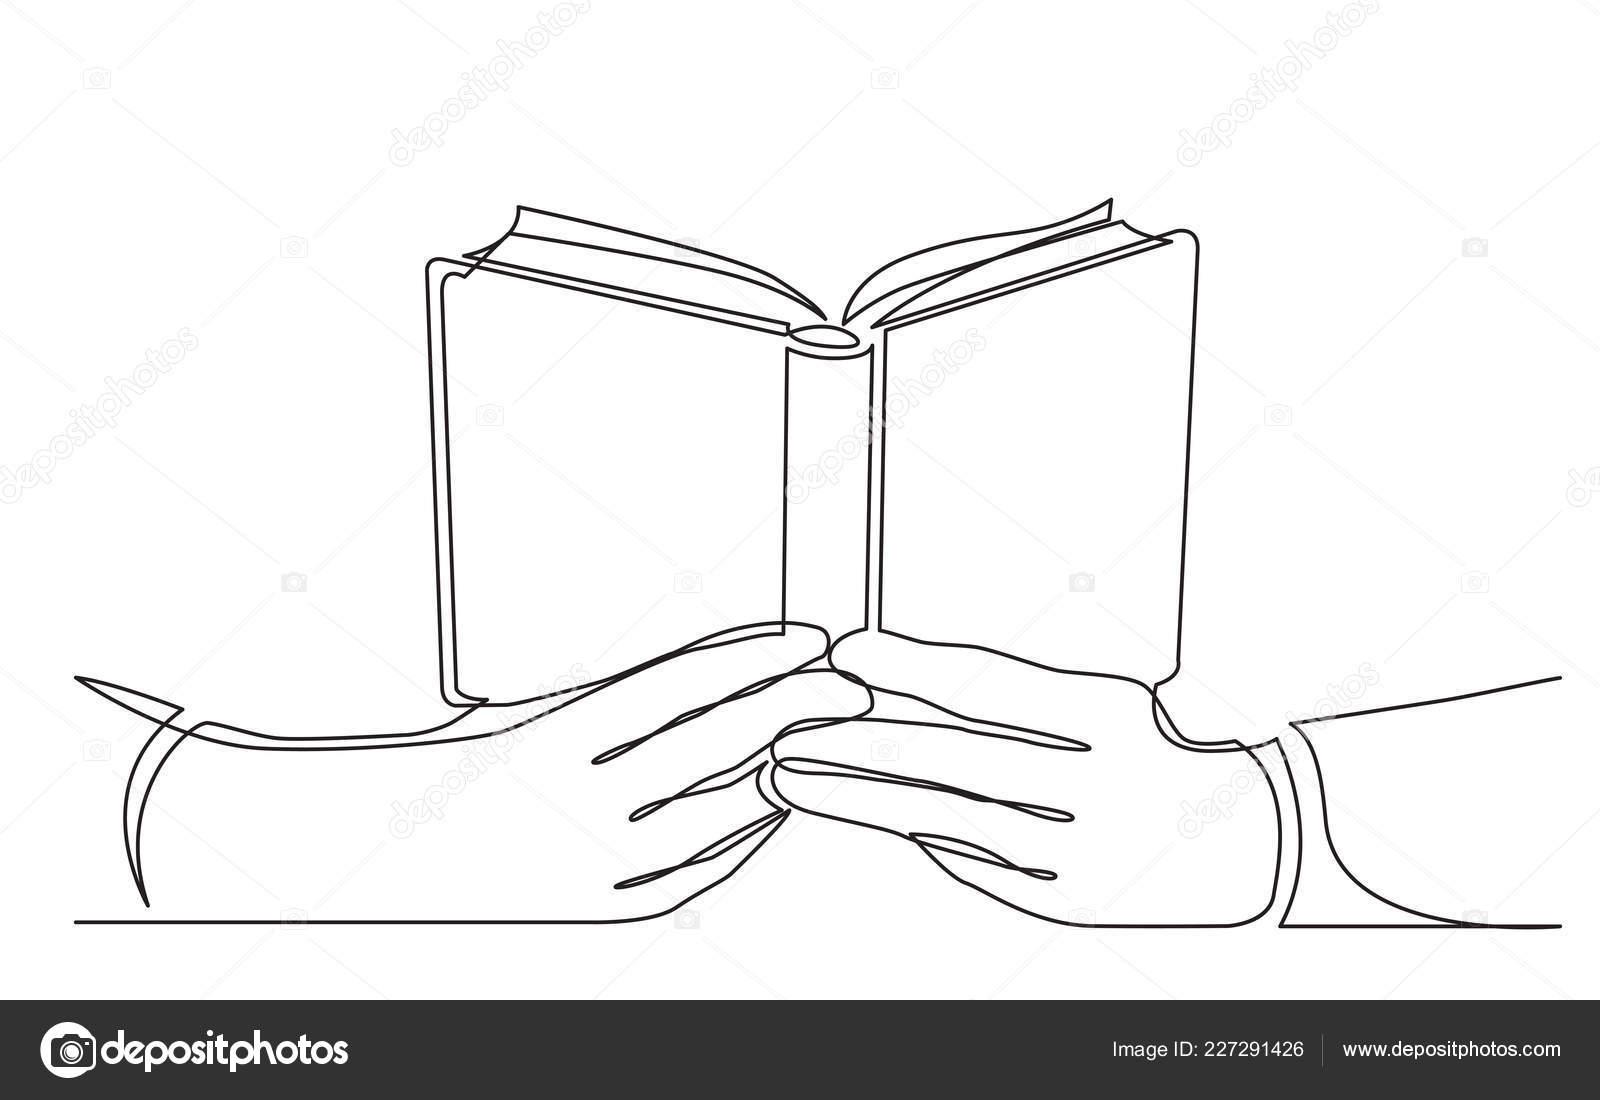 Dessin Trait Continu Des Mains Tenant Livre Ouvert Image